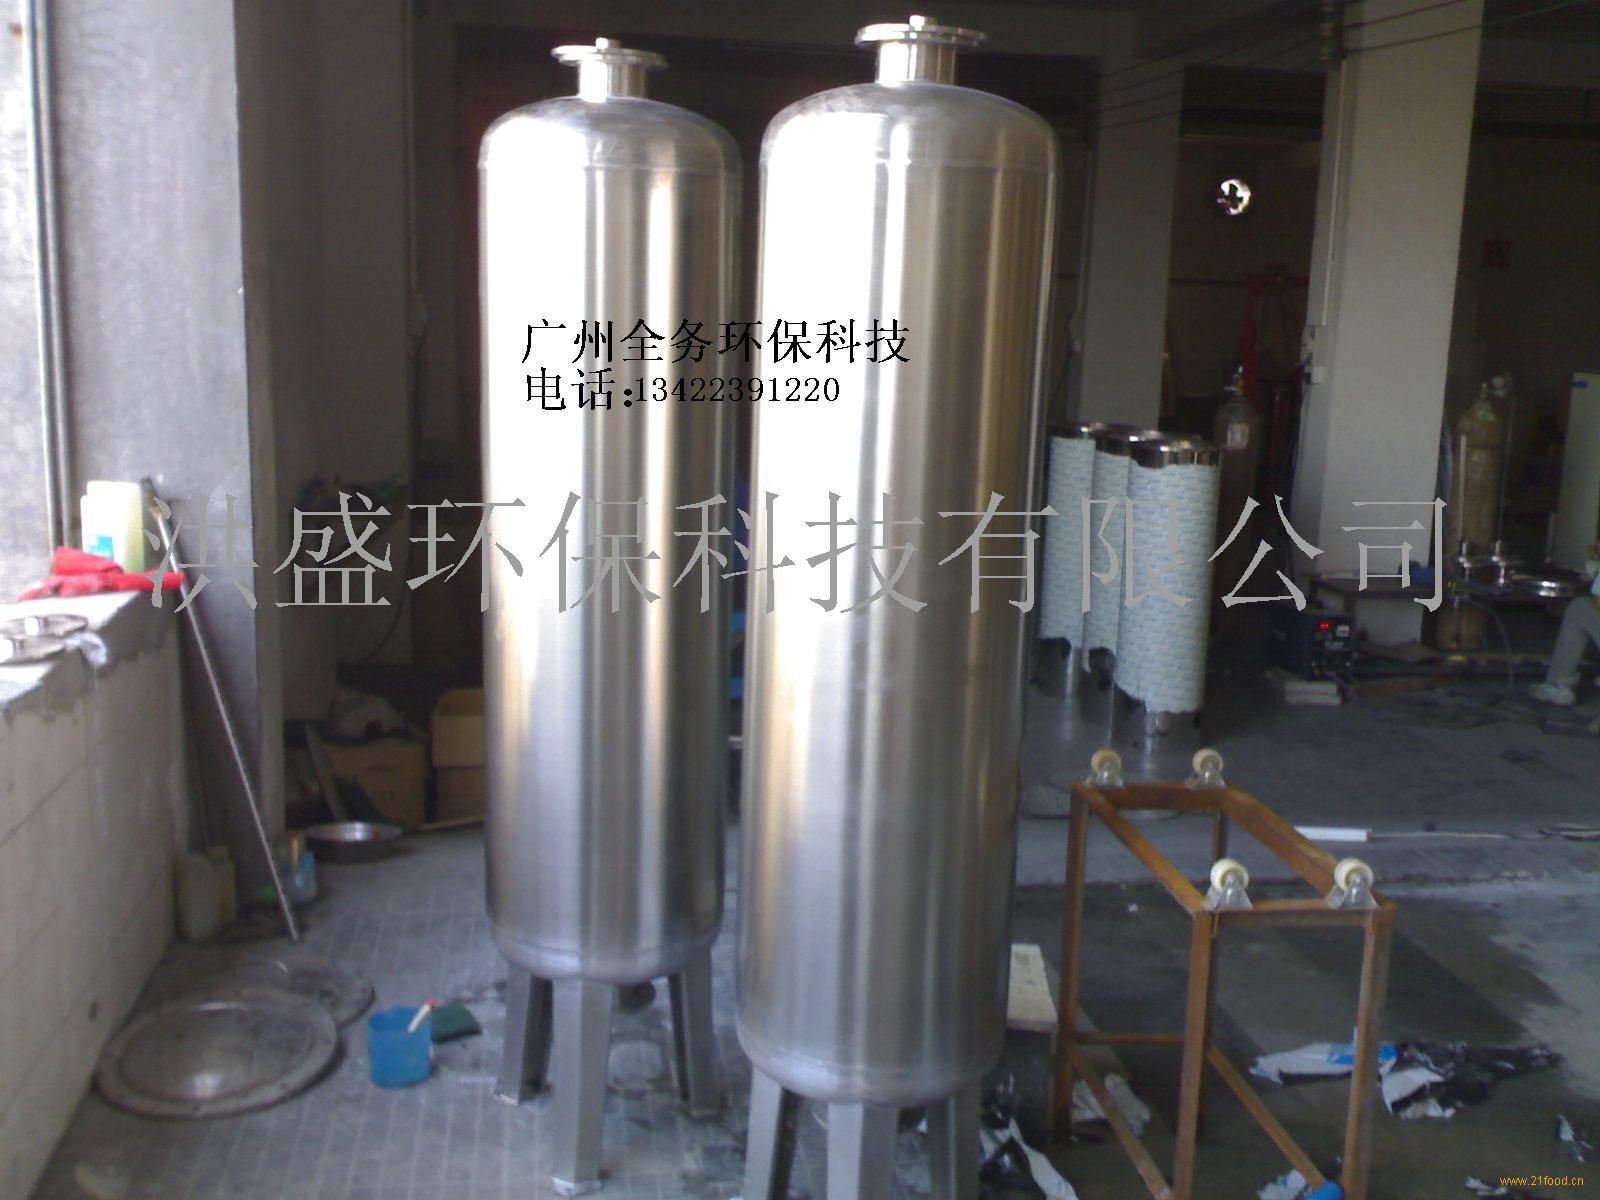 不锈钢过滤罐-中国 广东-食品商务网